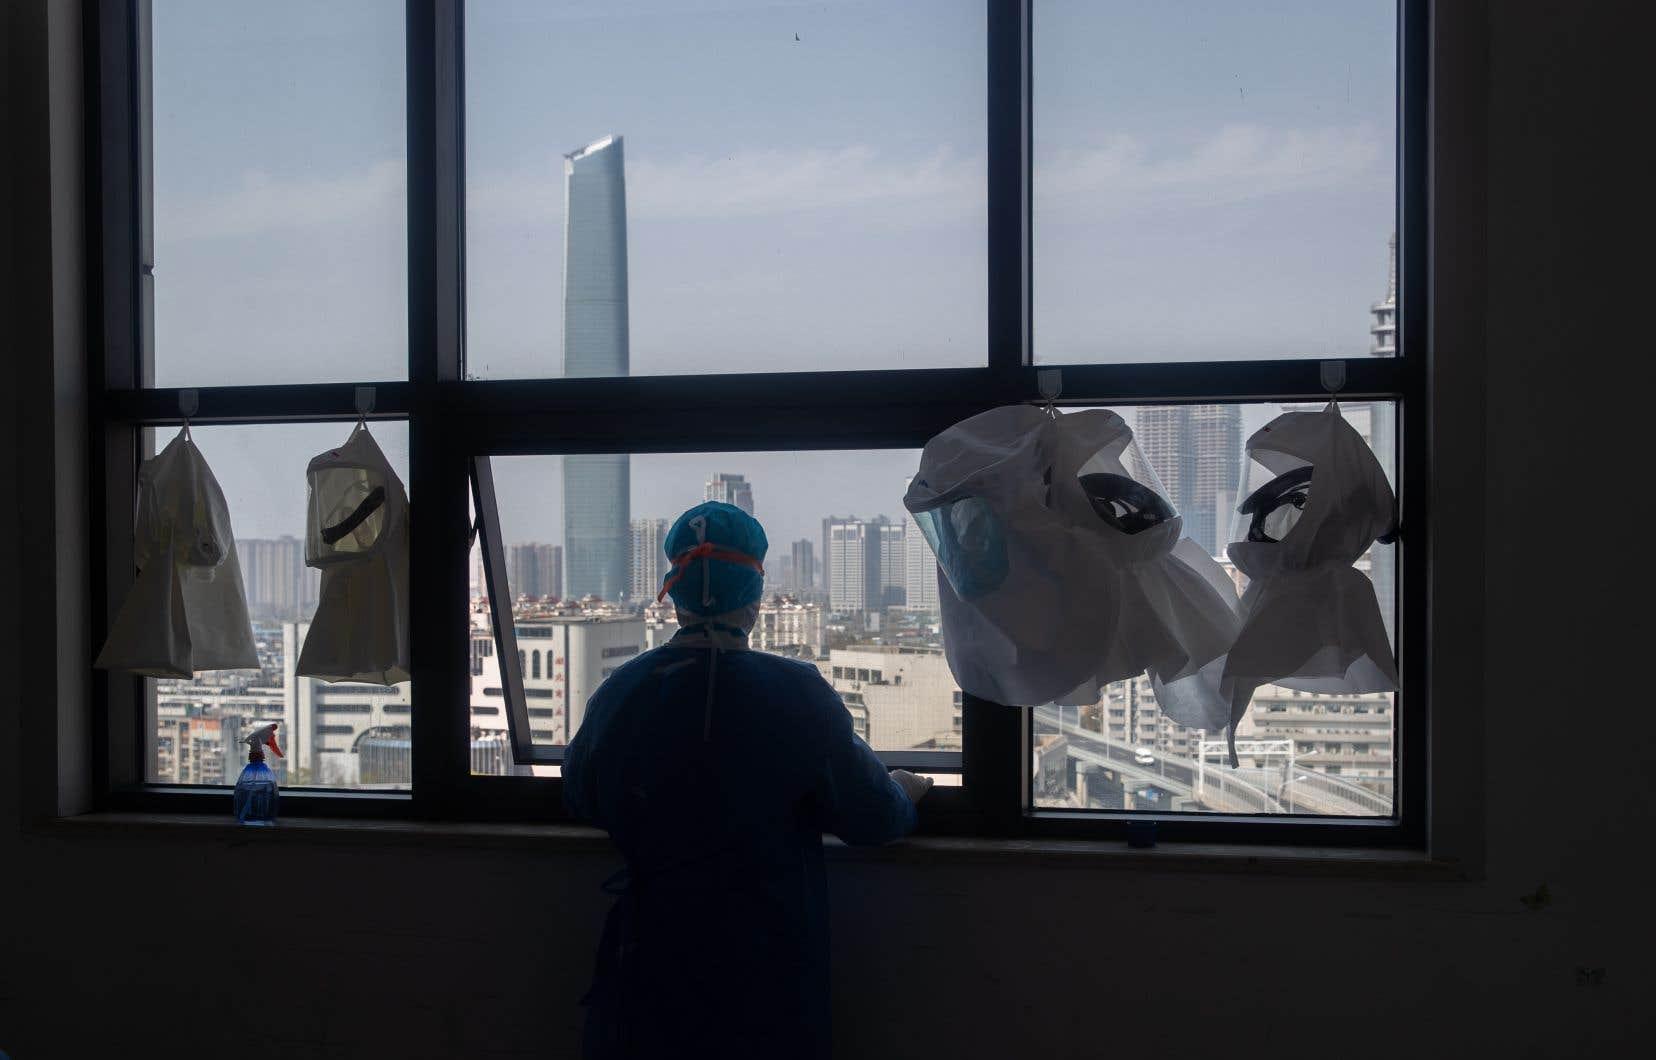 La Chine demeure le pays ayant relevé le plus de cas d'infection au coronavirus, mais la plupart de ces personnes sont maintenant guéries.